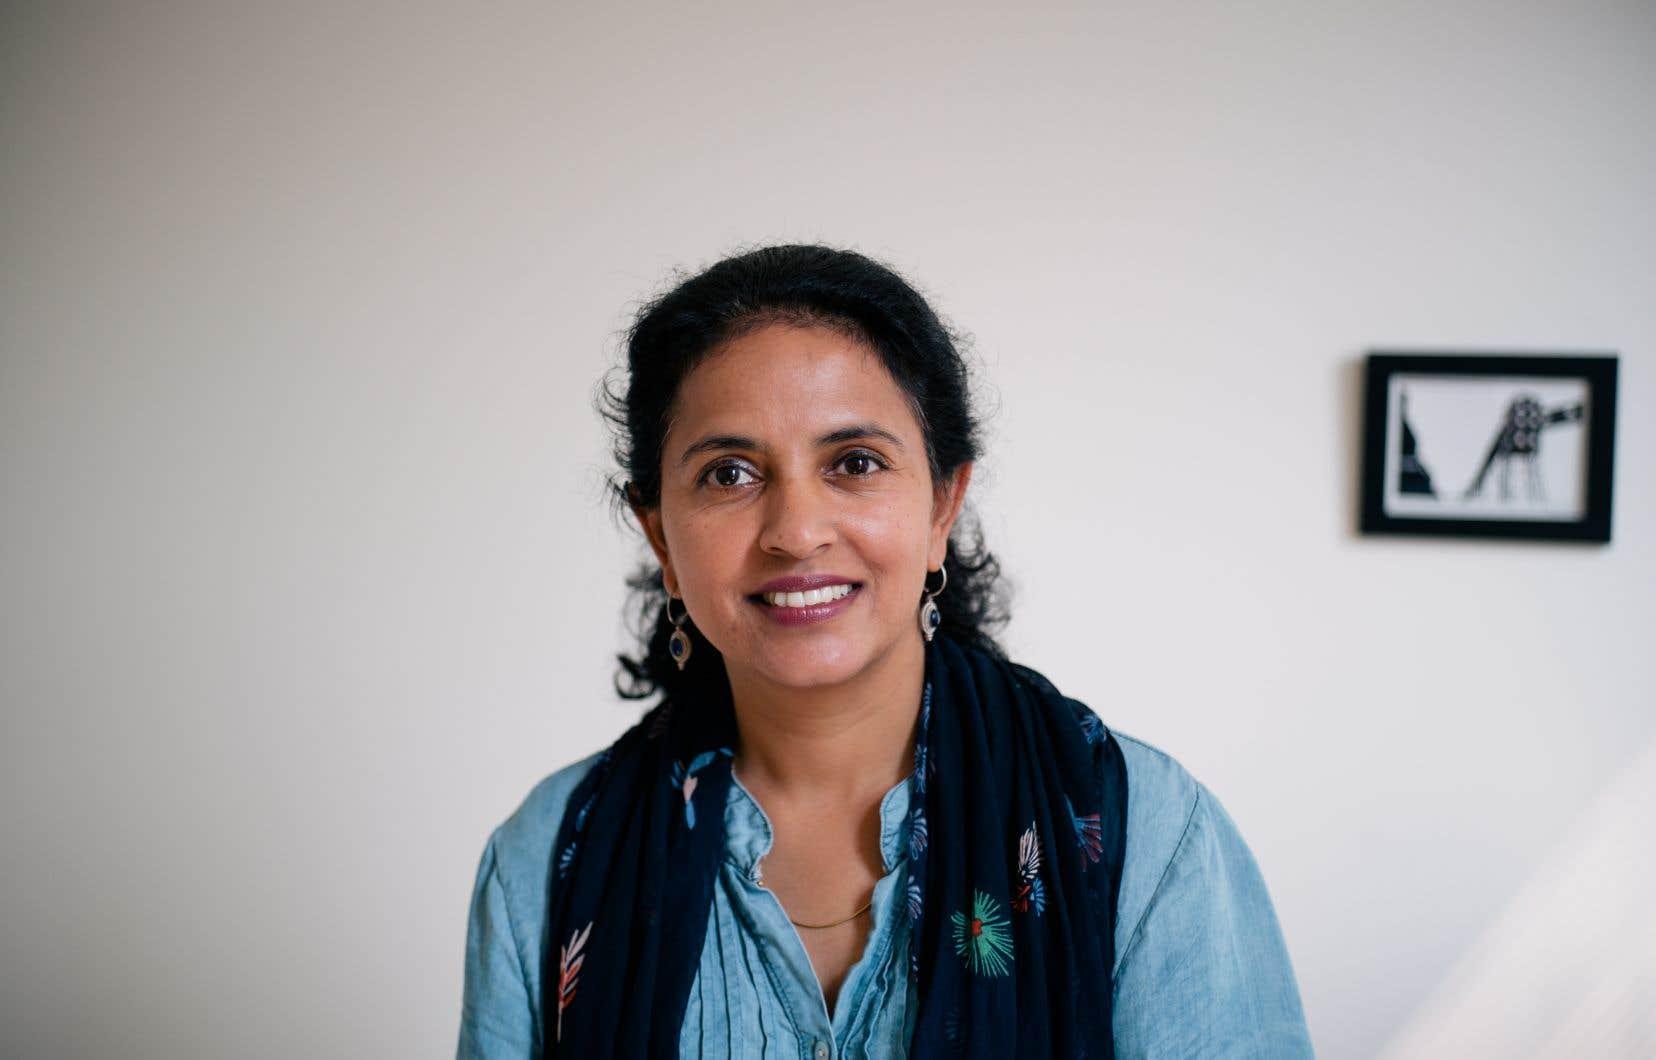 La directrice générale de Microcrédit Montréal, Indu Krishnamurthy, veut aider à l'intégration des immigrants au Québec.